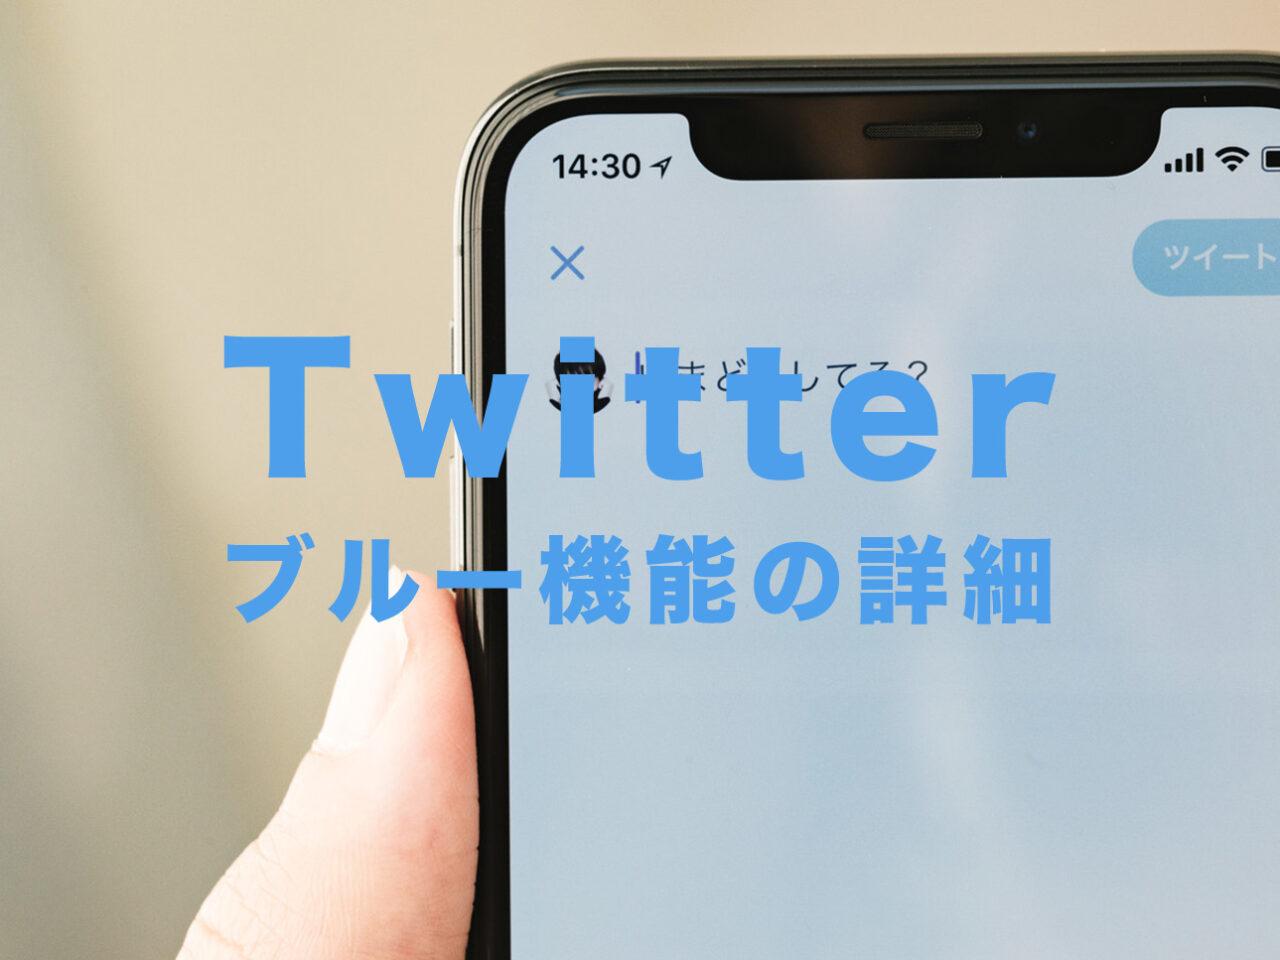 Twitterのブルー機能って何?有料化する?いつから?【有料版&サブスク会員型のツイッター】のサムネイル画像